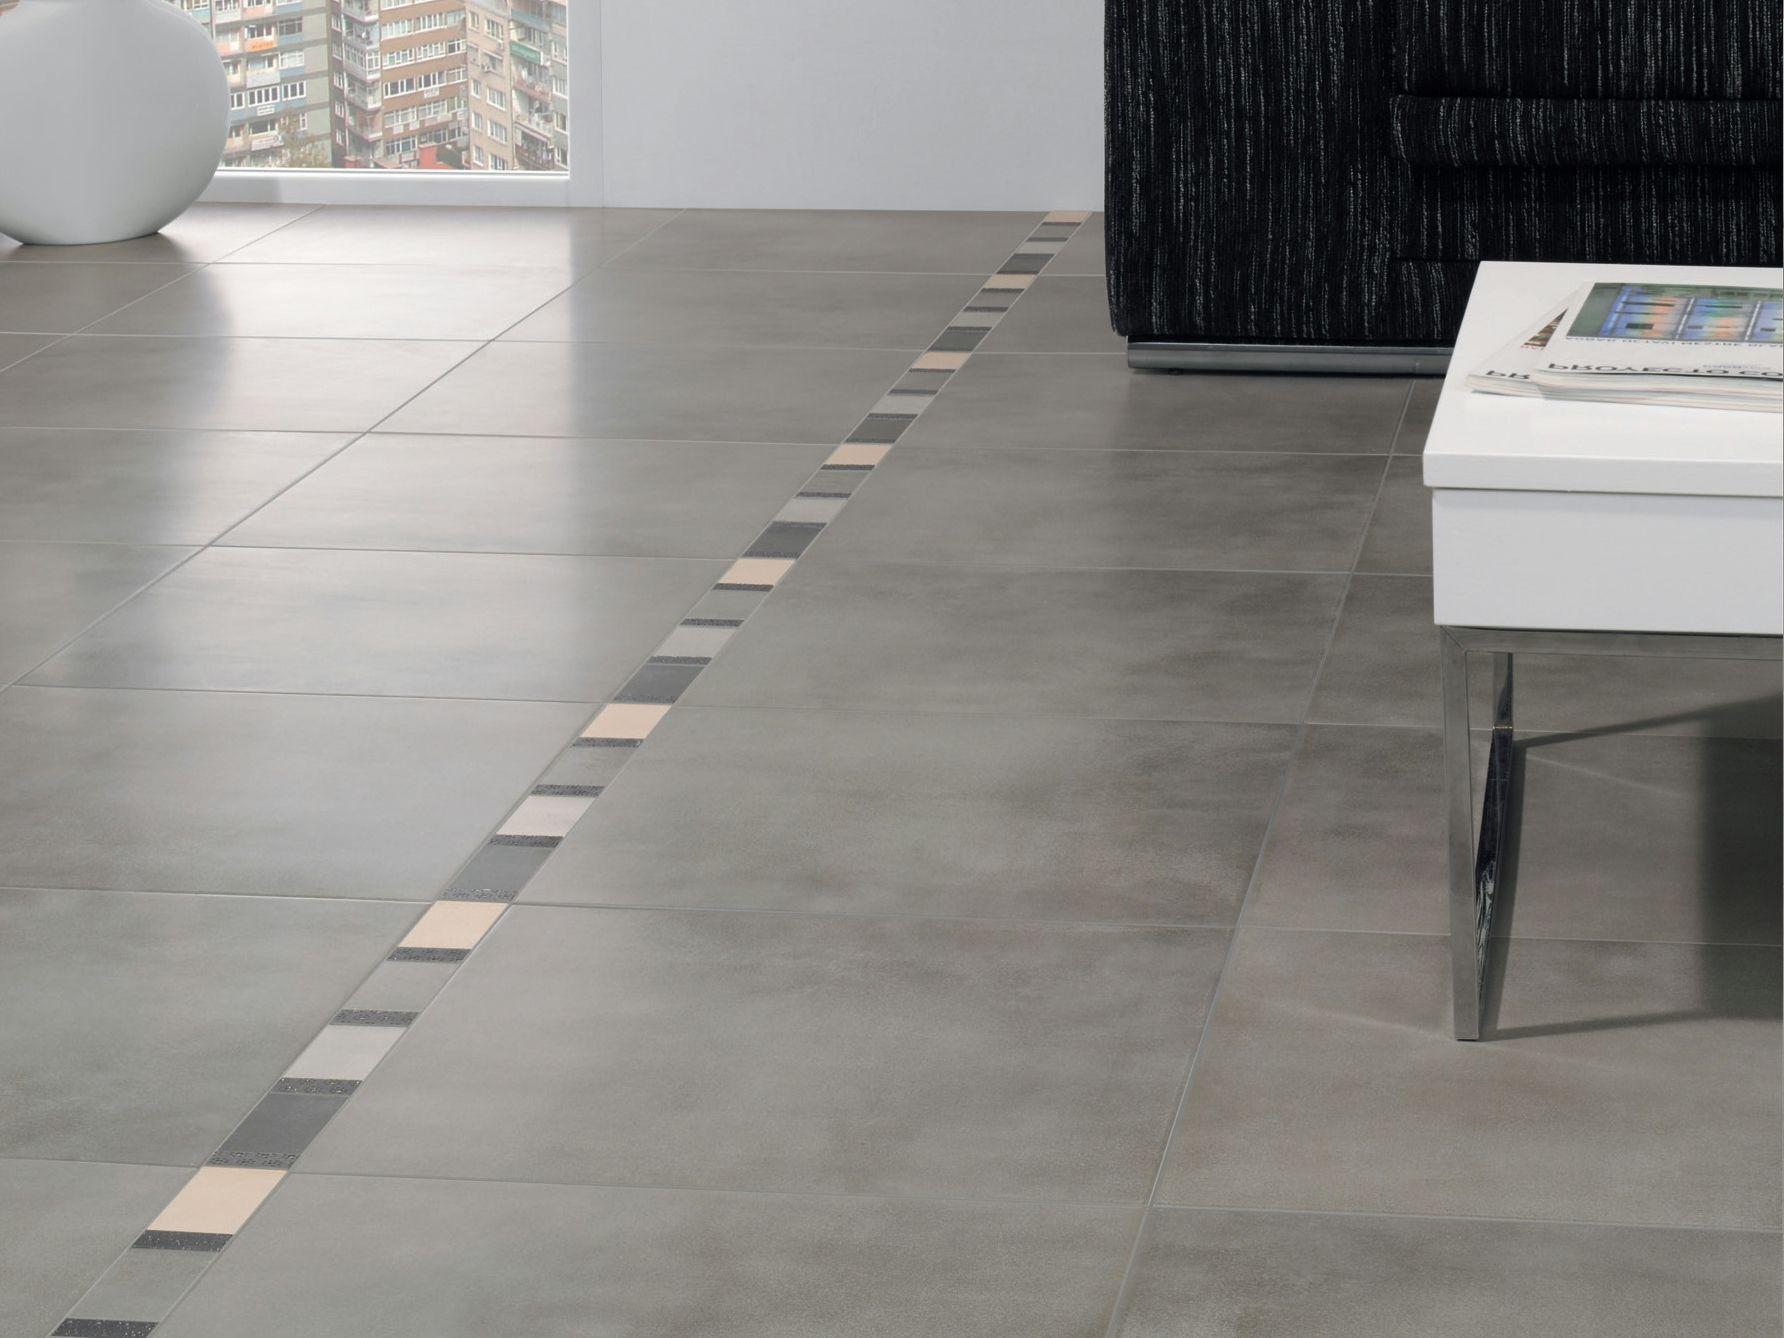 Pavimento de gres porcel nico para interiores y exteriores - Suelos de gres catalogo ...